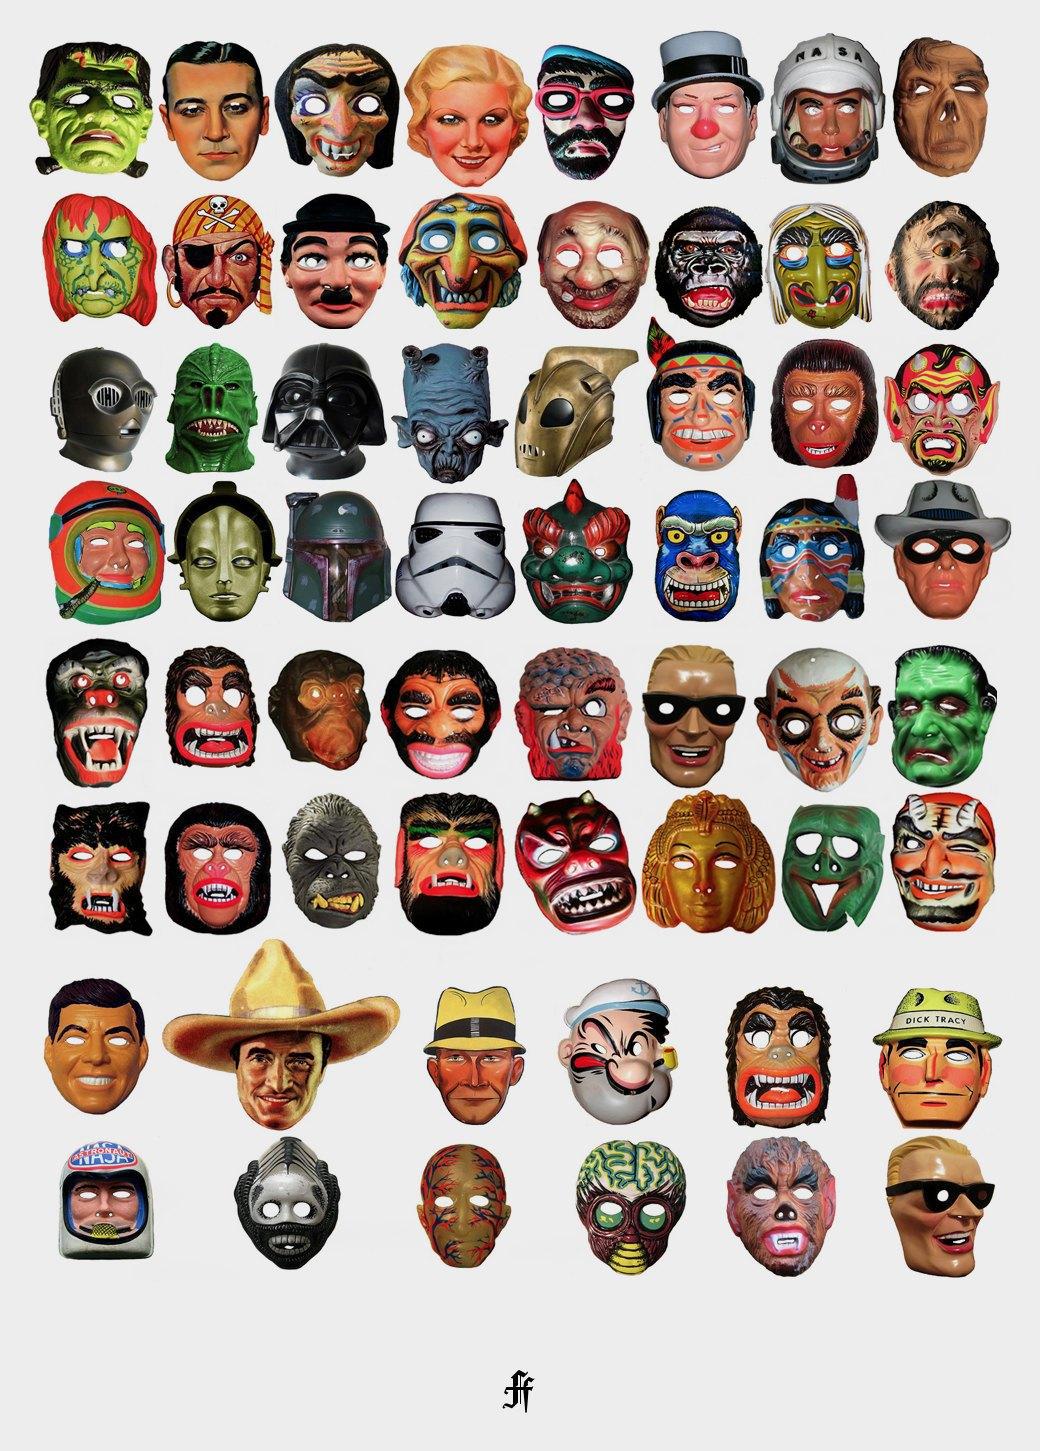 Жуткие маски на Хэллоуин как одержимость фотографа Майкла Рида. Изображение № 1.